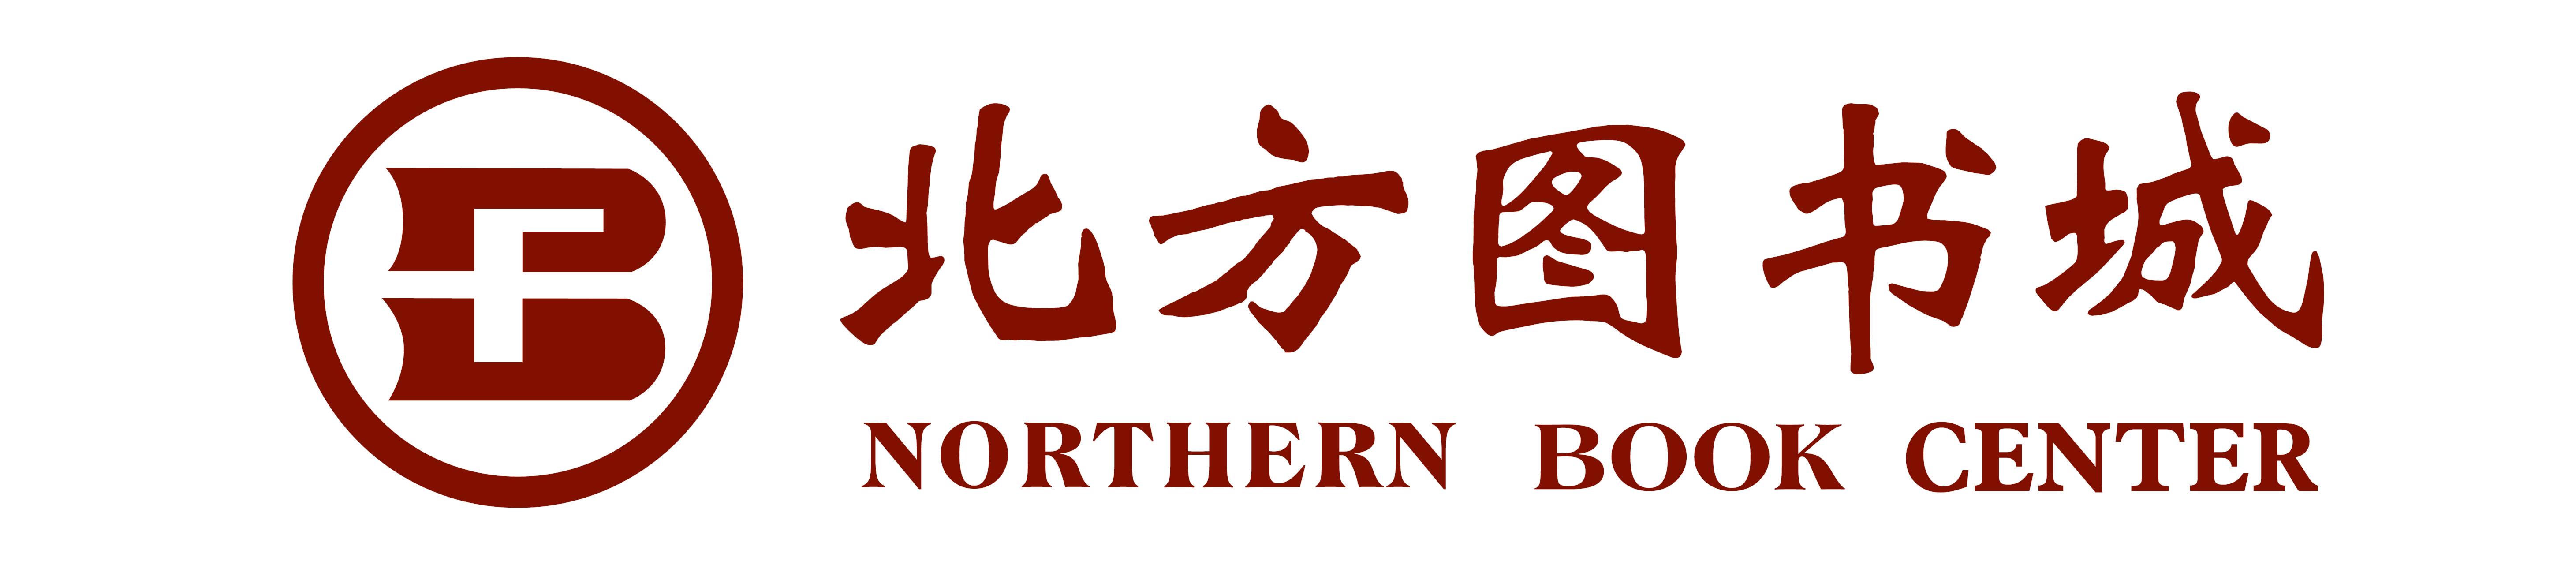 北方图书城文创用品专营店